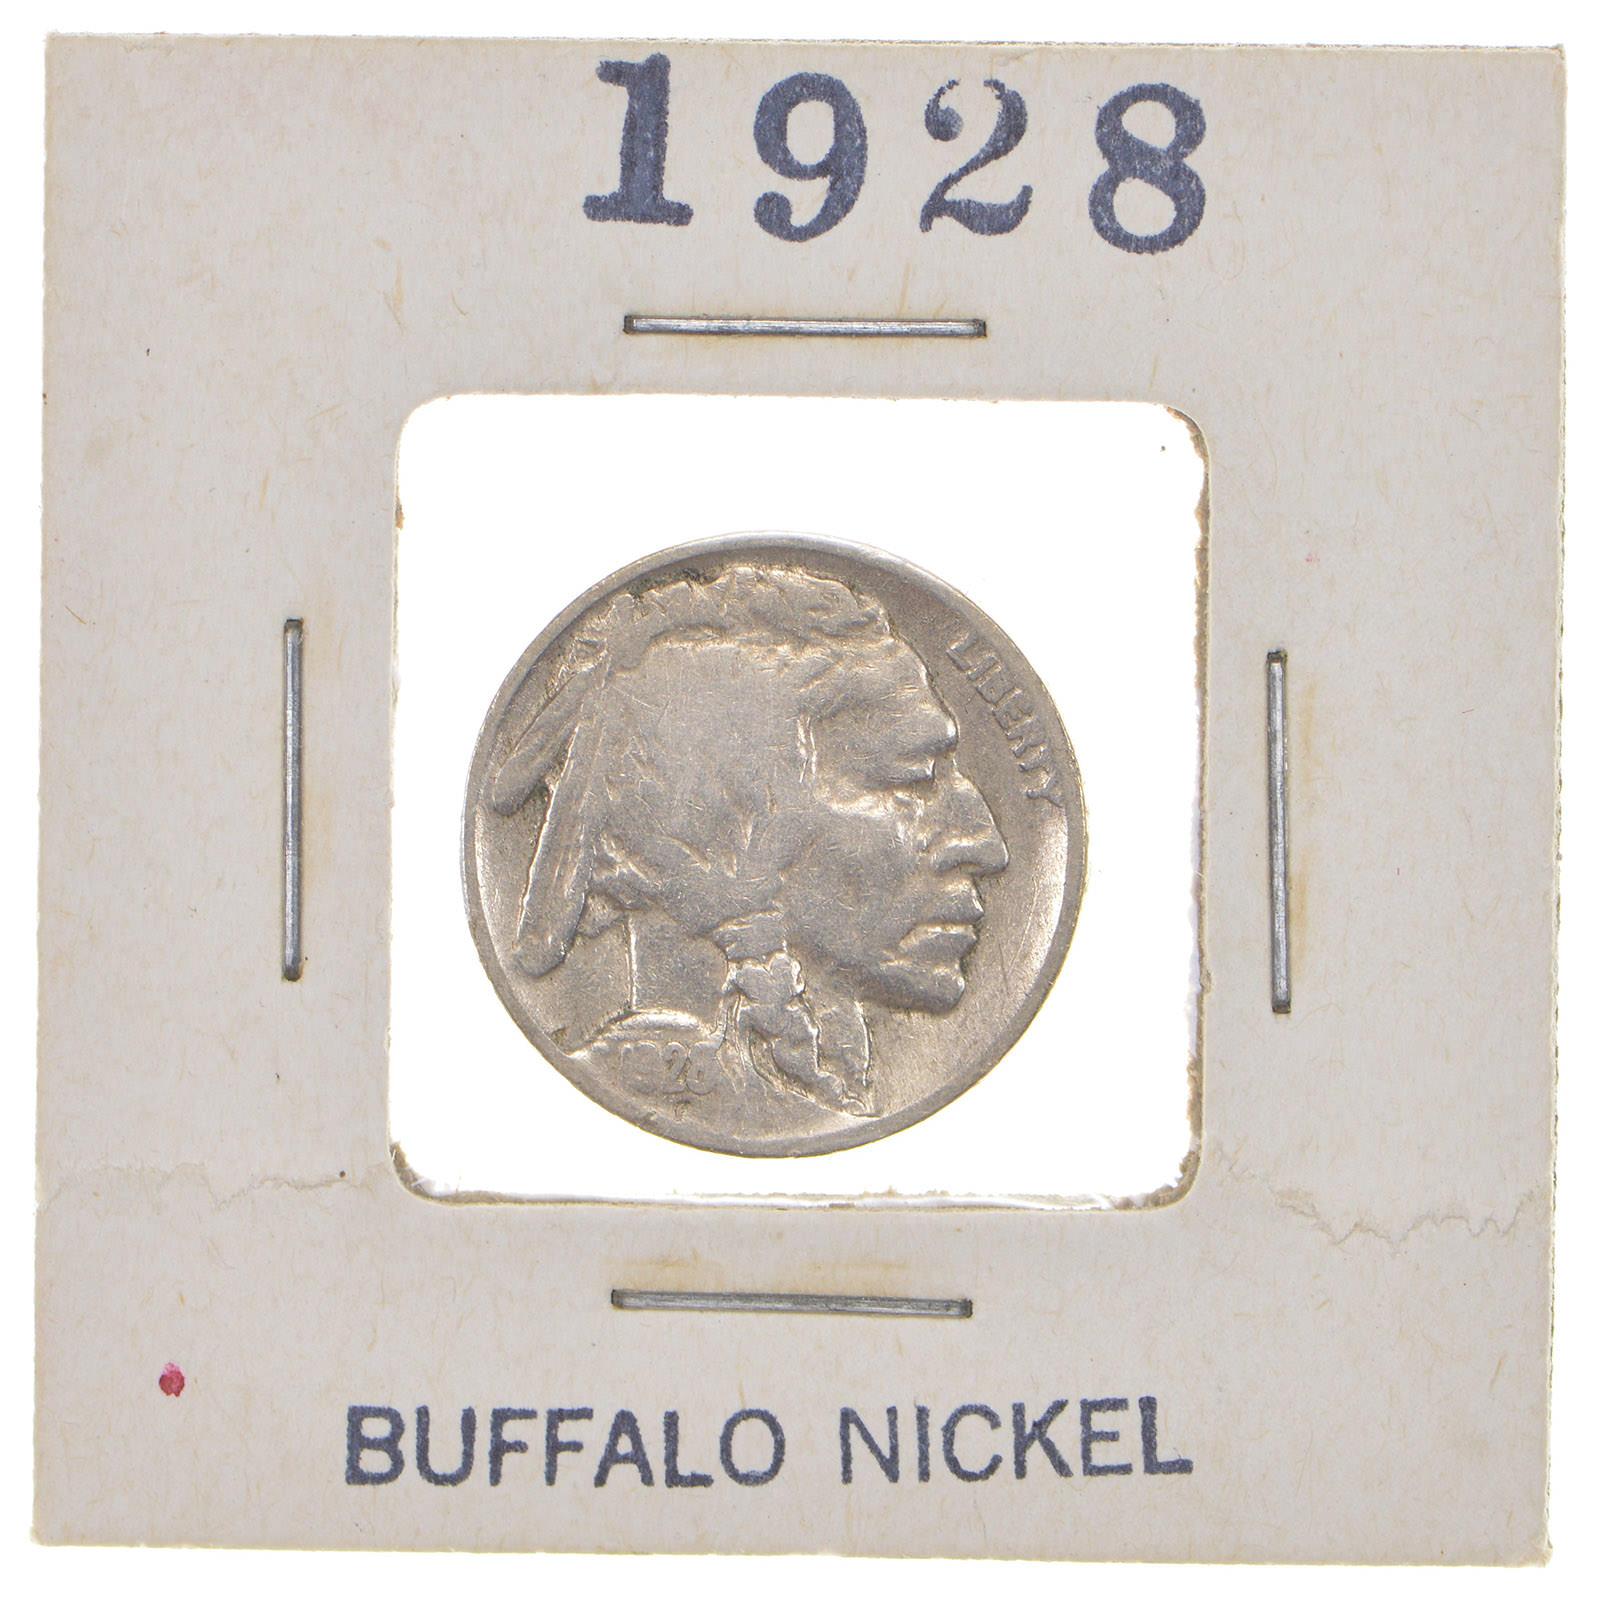 Roaring 20's - Early 1928 Buffalo Nickel - Look it up